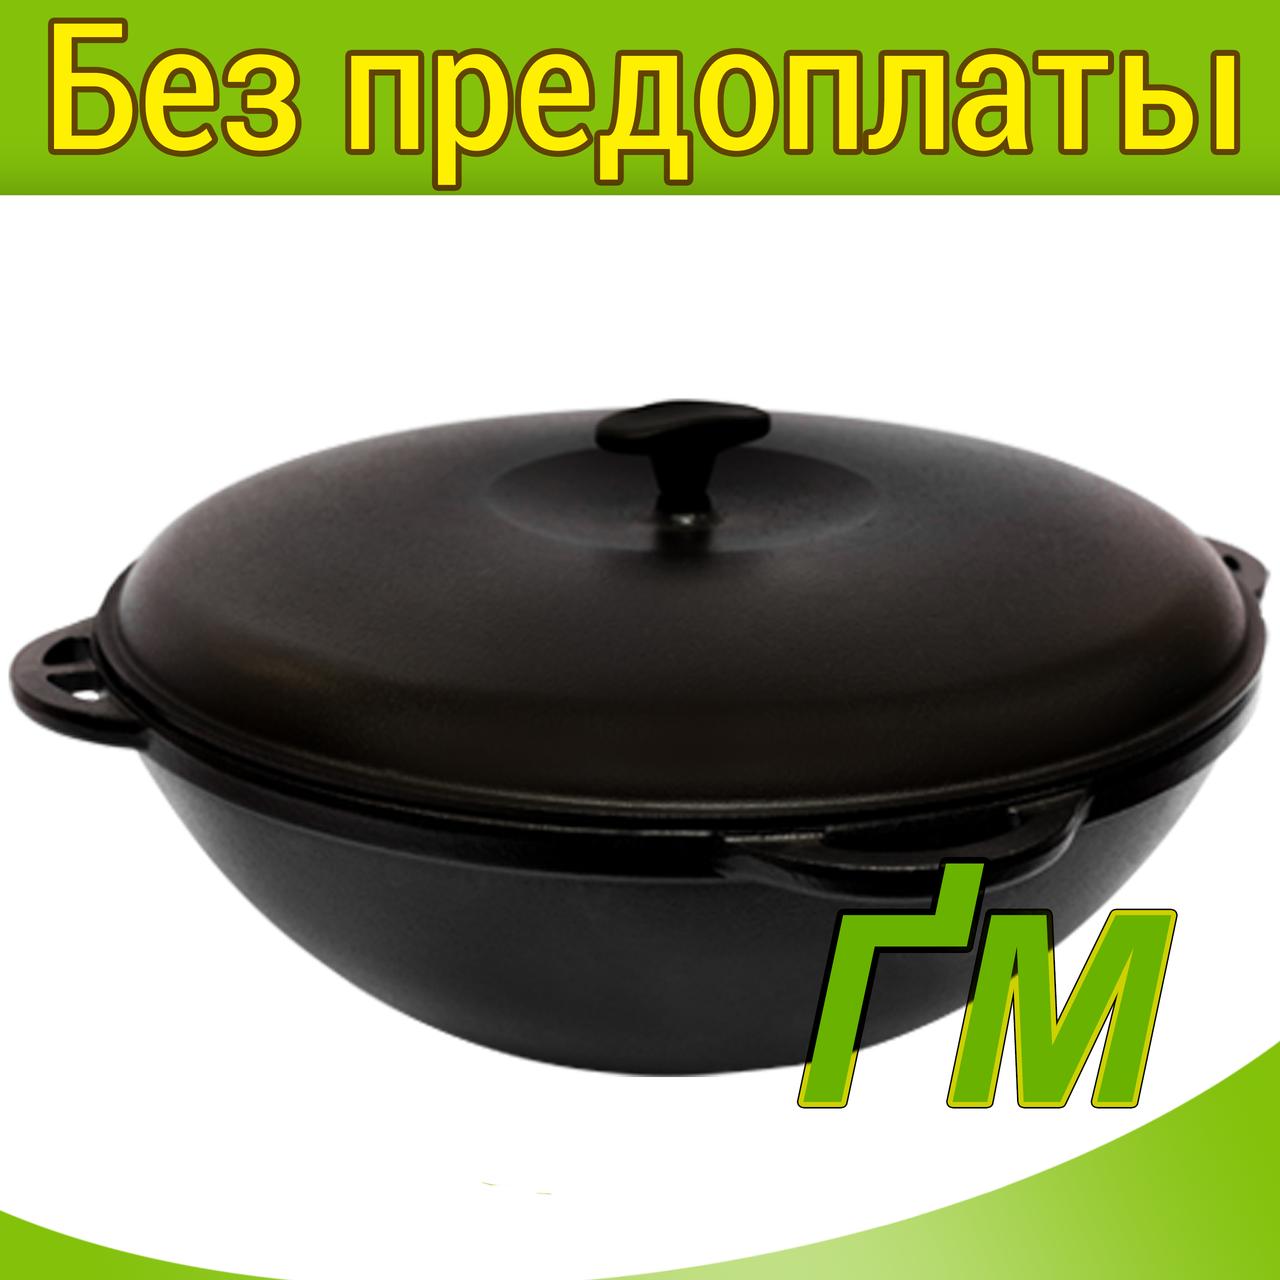 Казан азиатский с крышкой (матовая эмаль), 30 л.